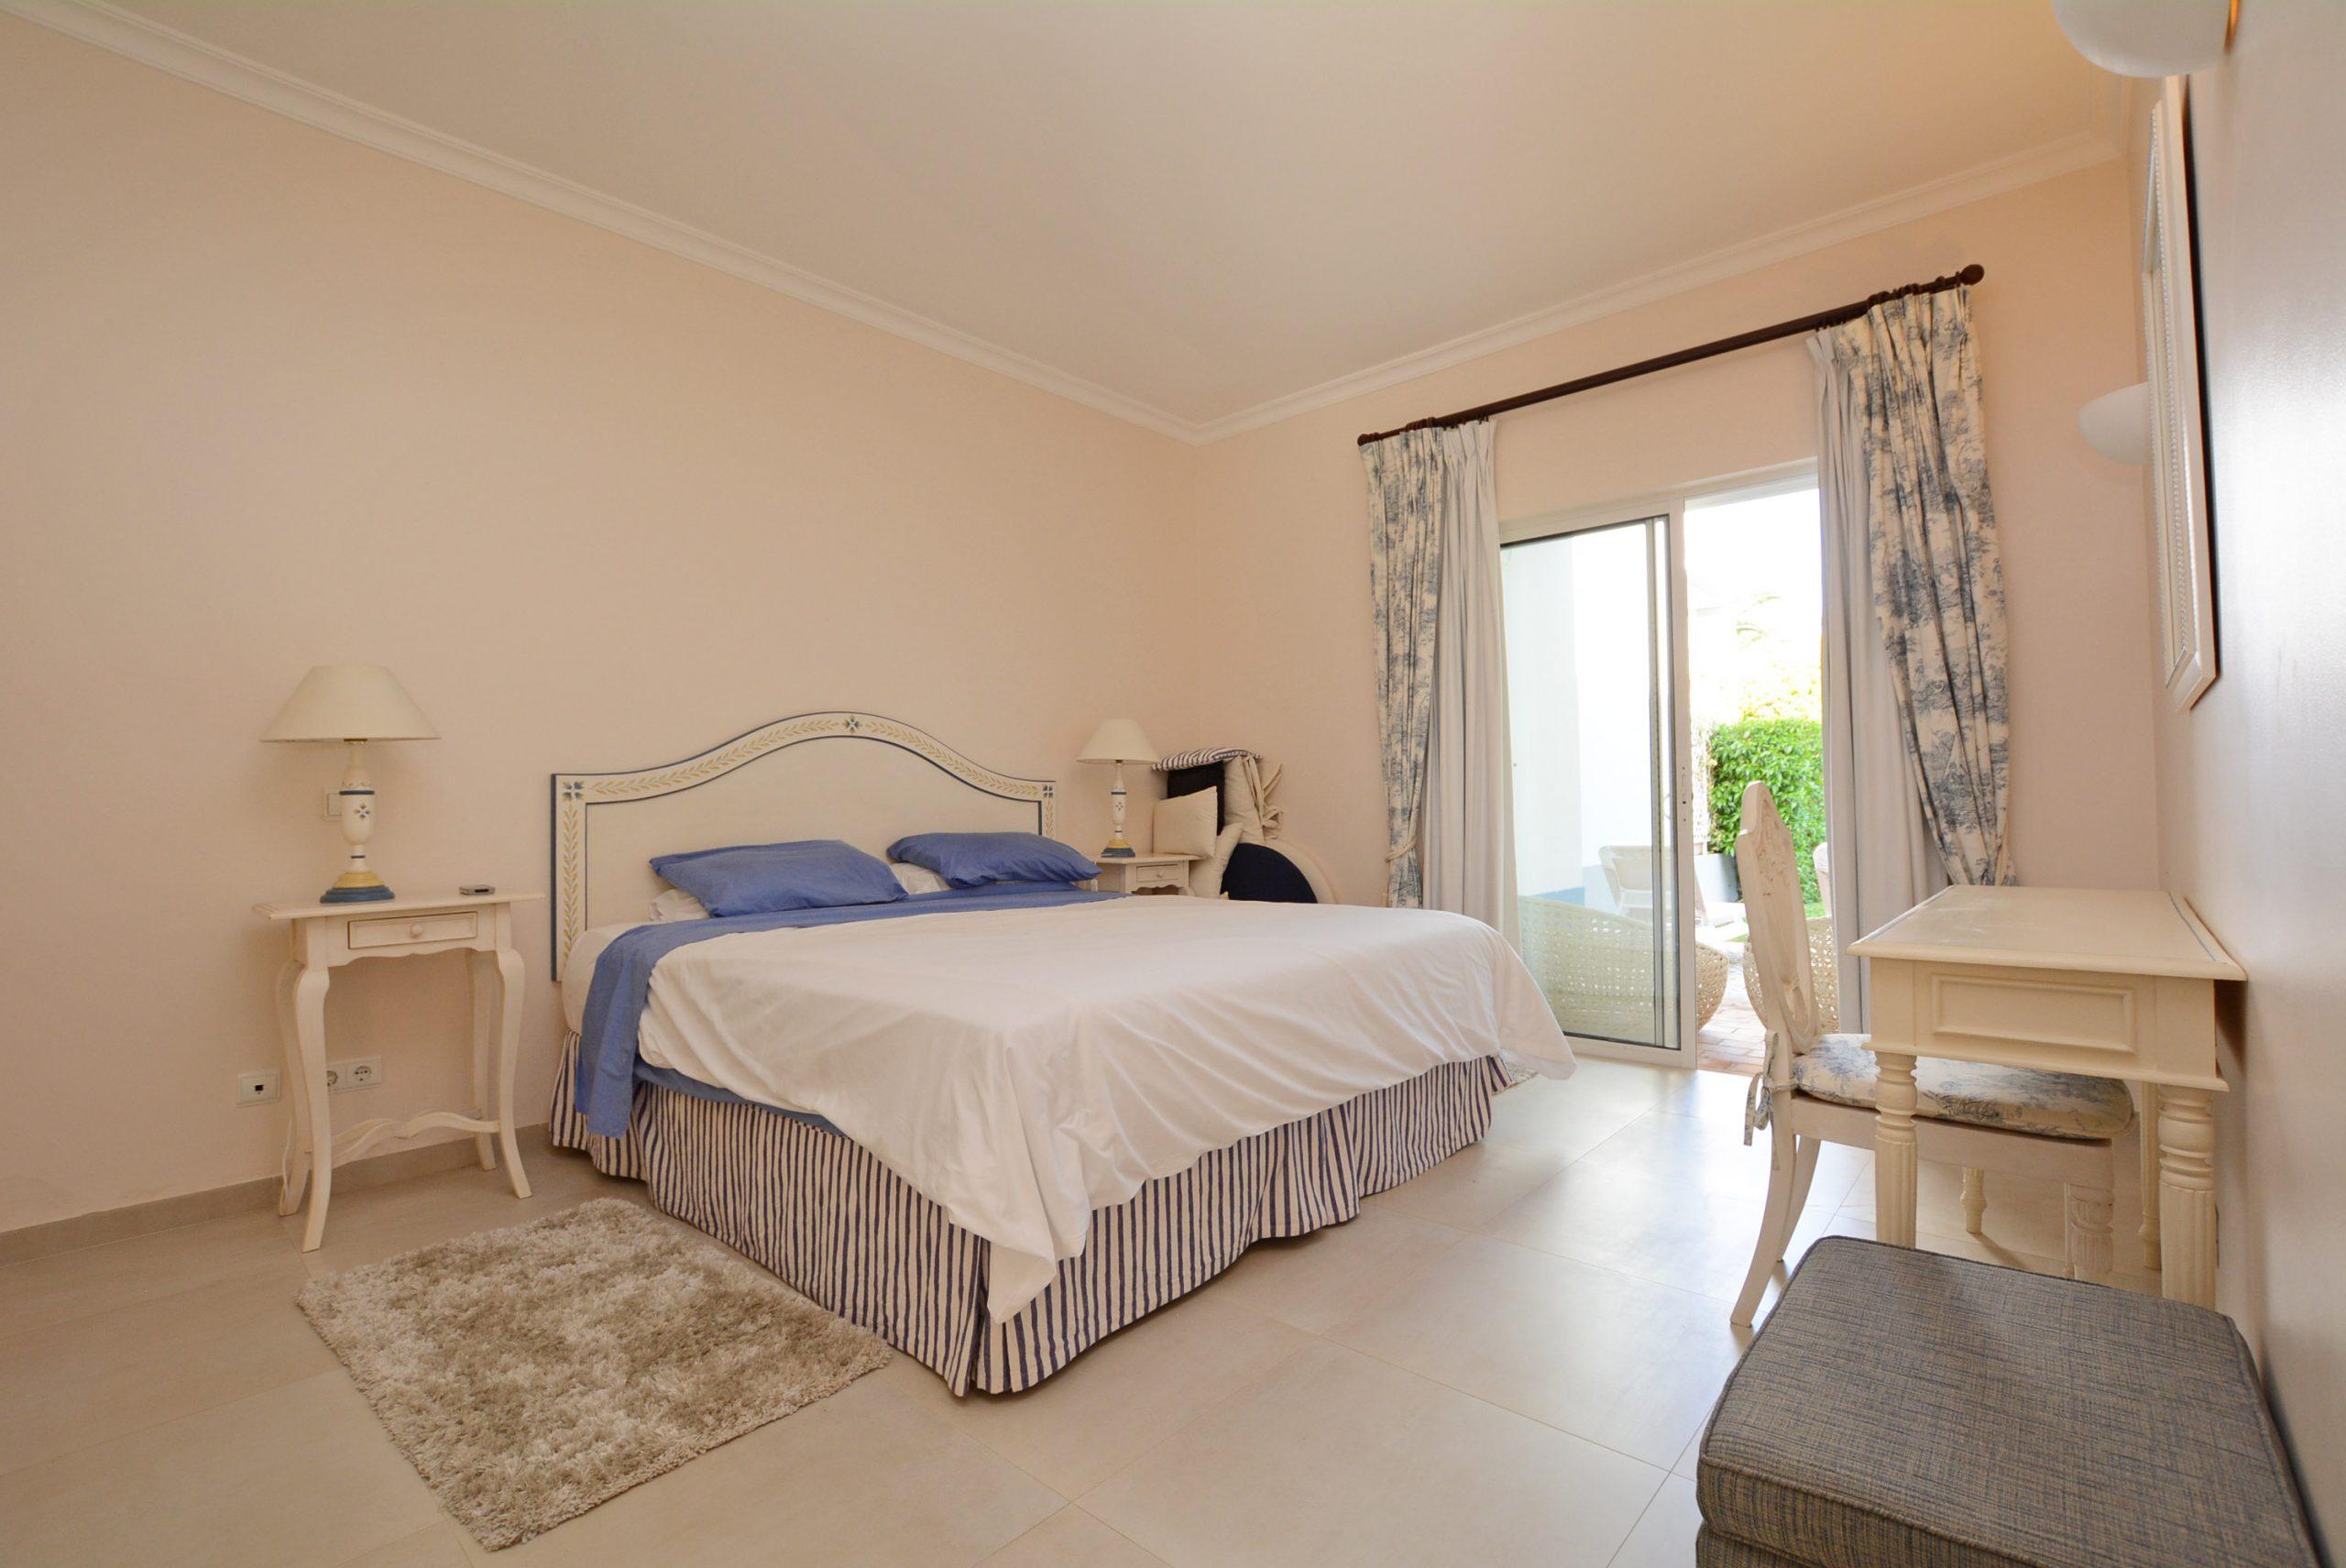 2 Bedroom Apartment for sale in Encosta do Lago, Quinta do Lago (11)